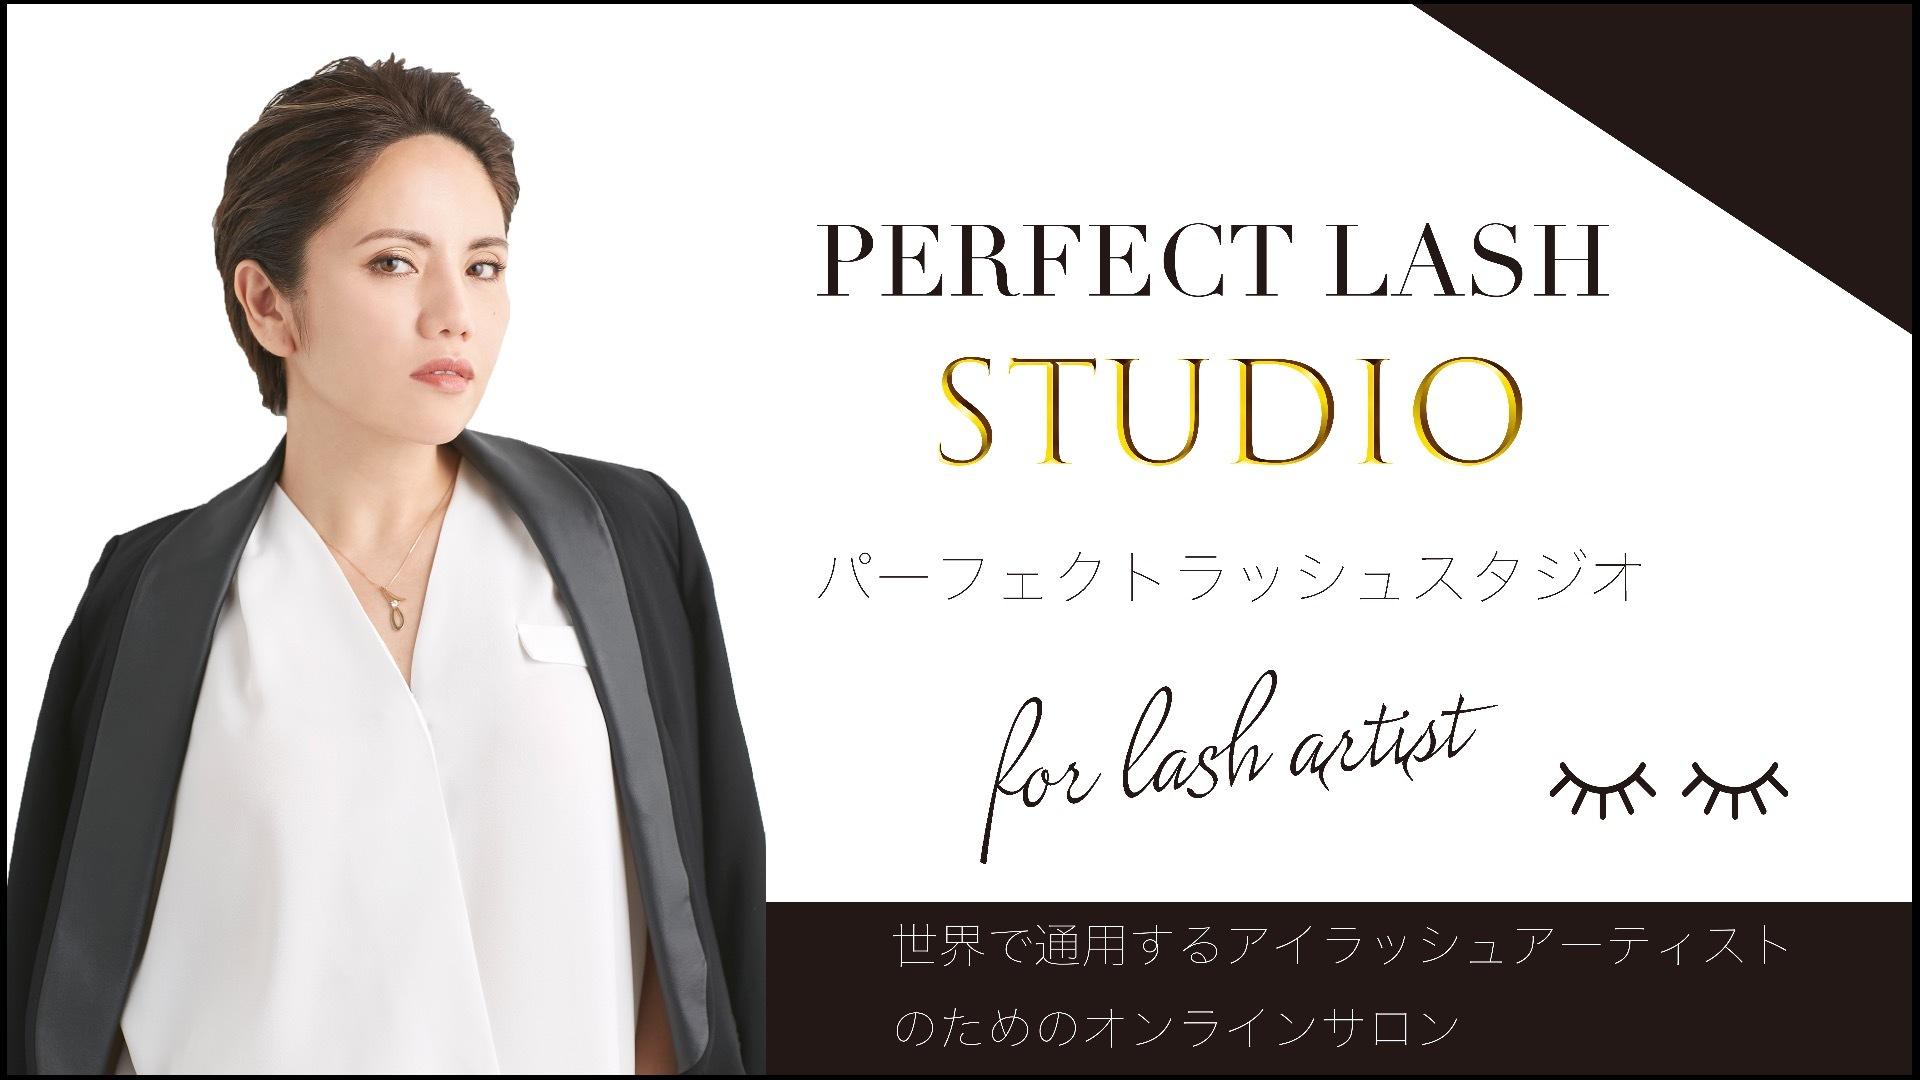 大須賀明美 - まつ毛エクステンションの全てがわかるサロン #lashboss - DMM オンラインサロン